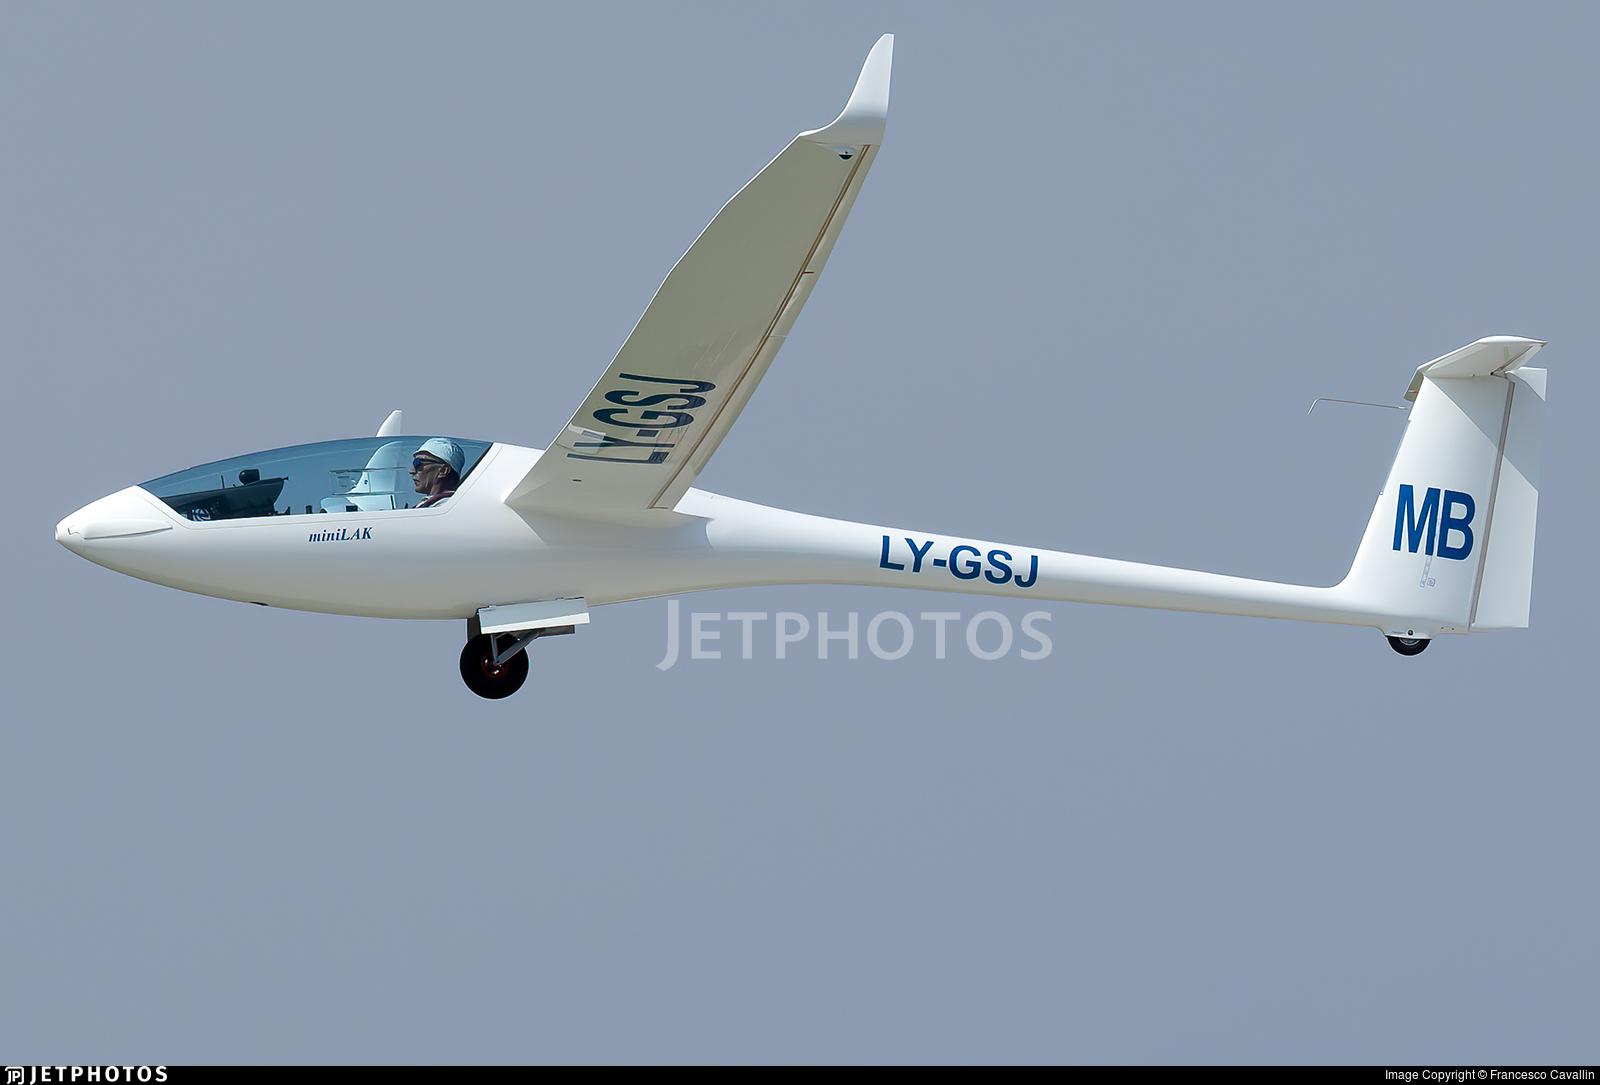 LY-GSJ - LAK-13.5 mini FES - Private